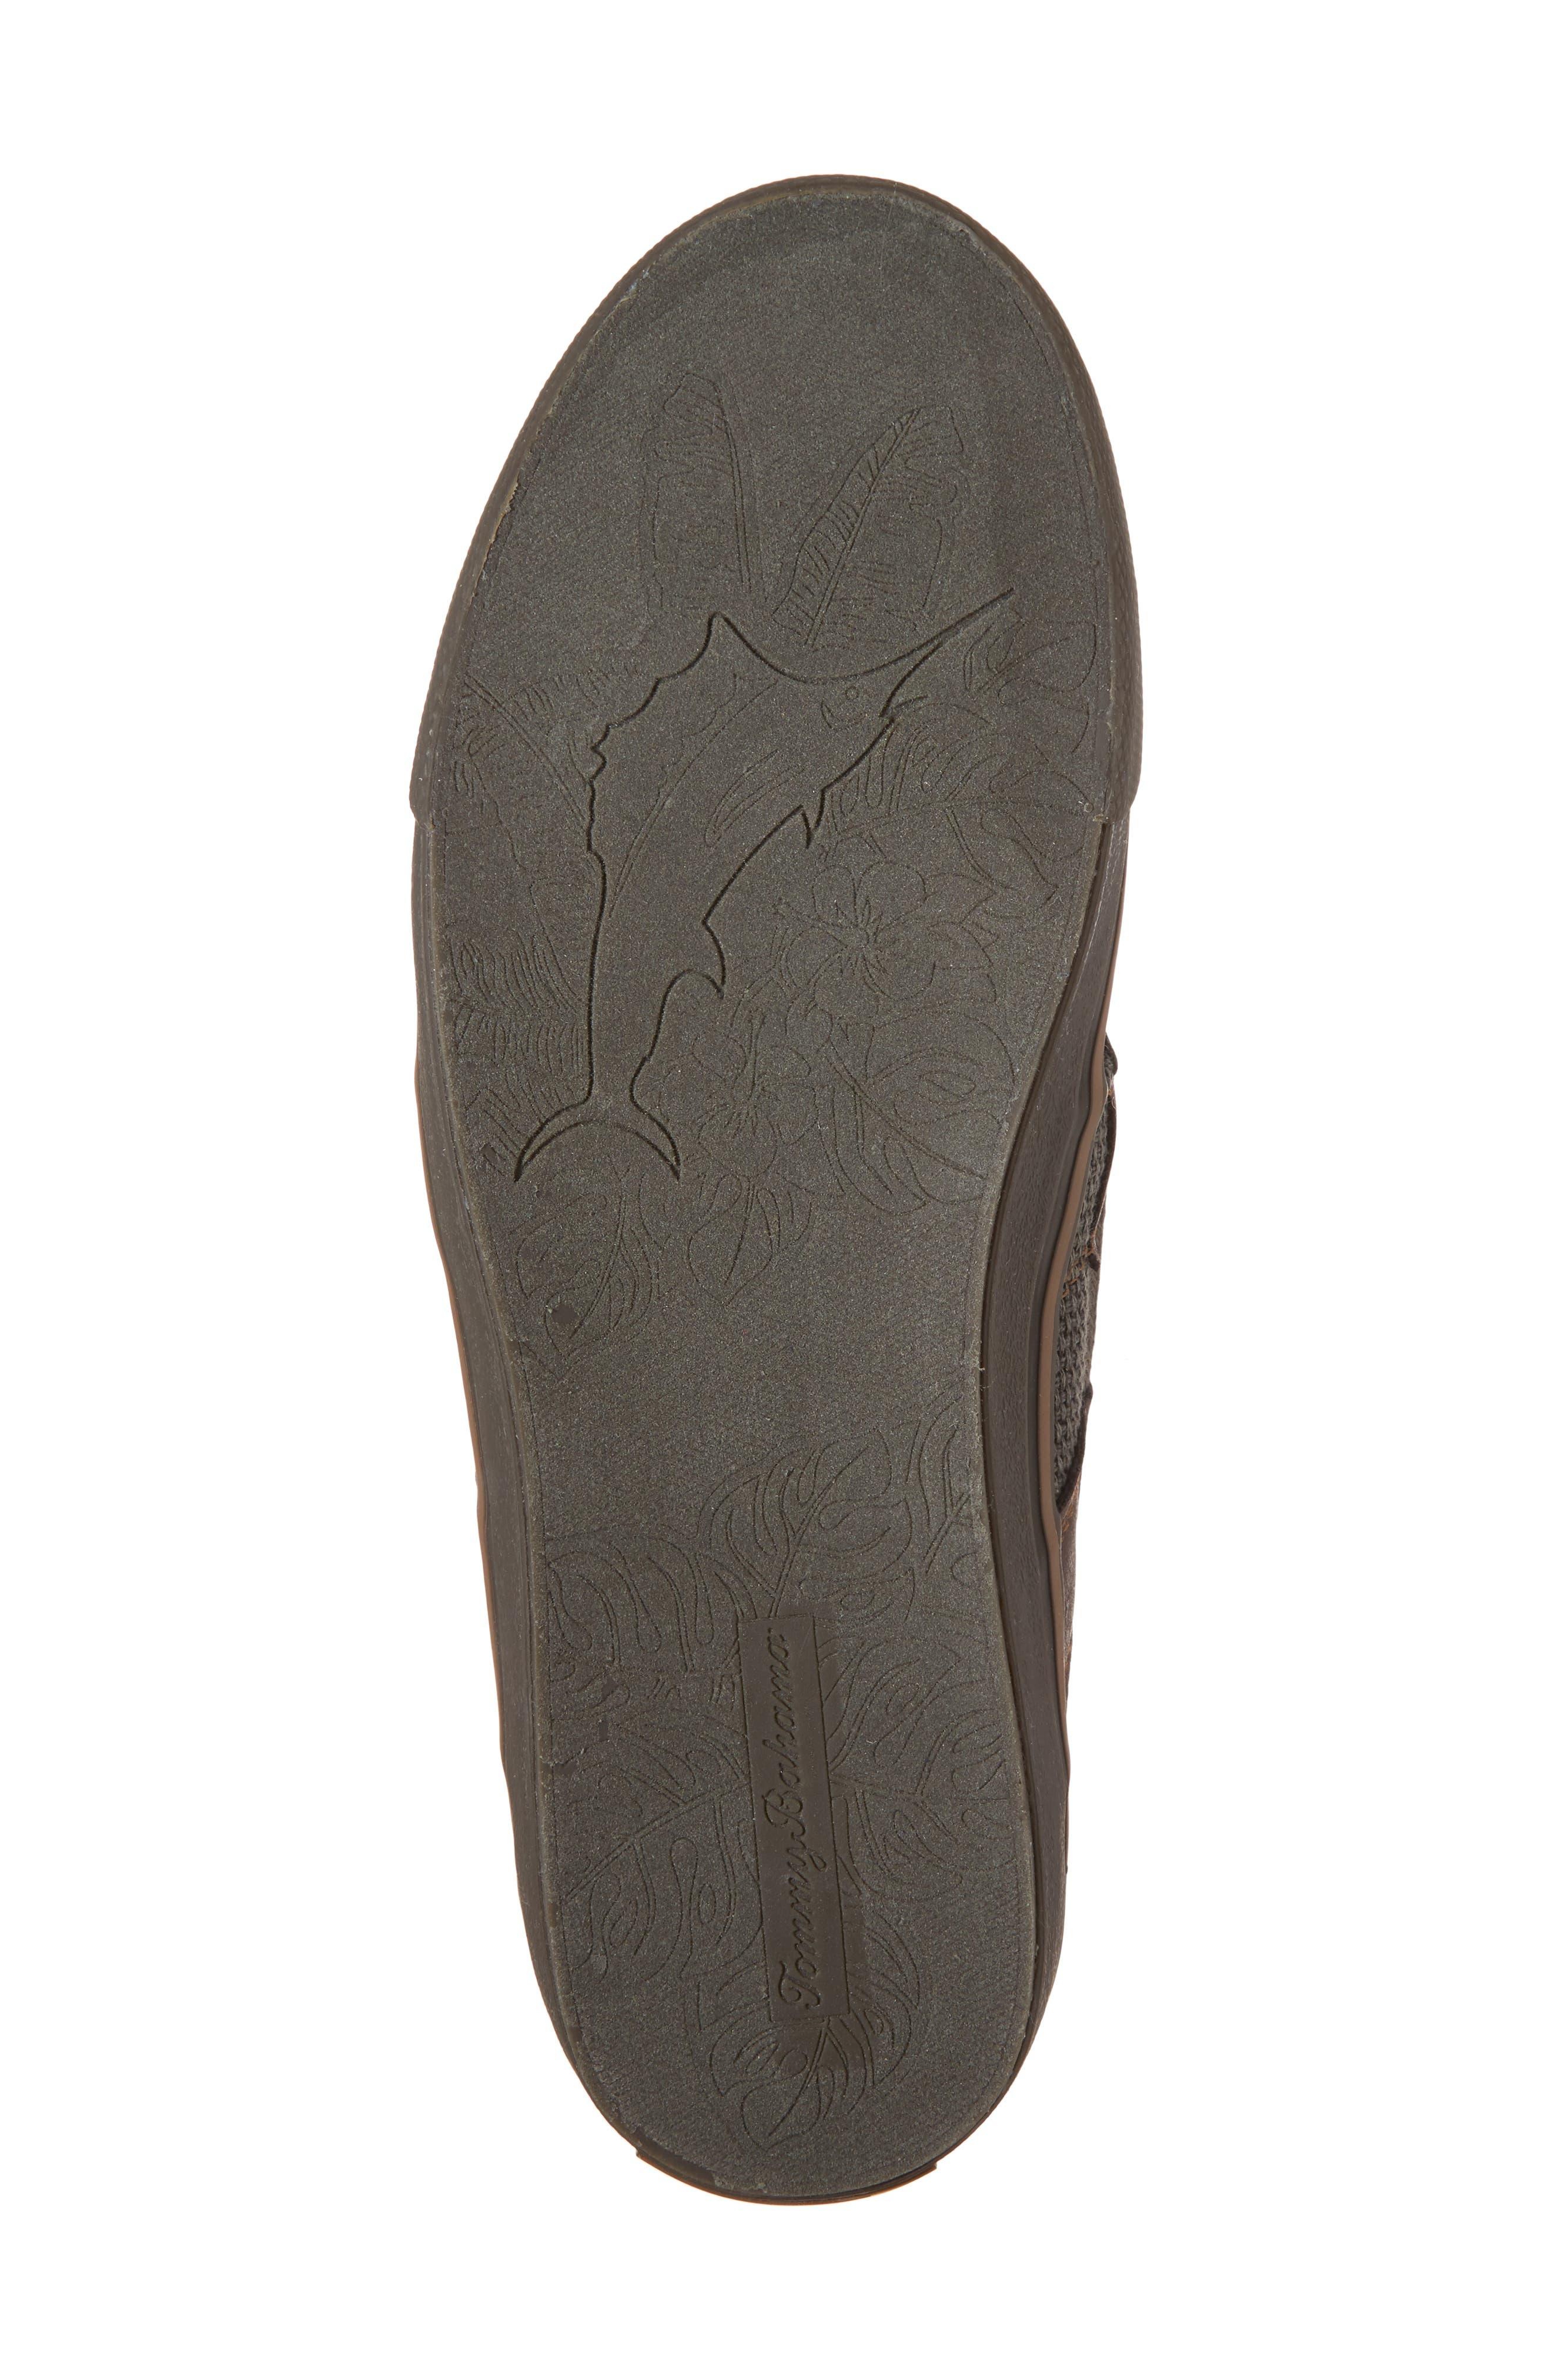 Stripe Breaker Sneaker,                             Alternate thumbnail 6, color,                             Dark Grey/ Dark Brown